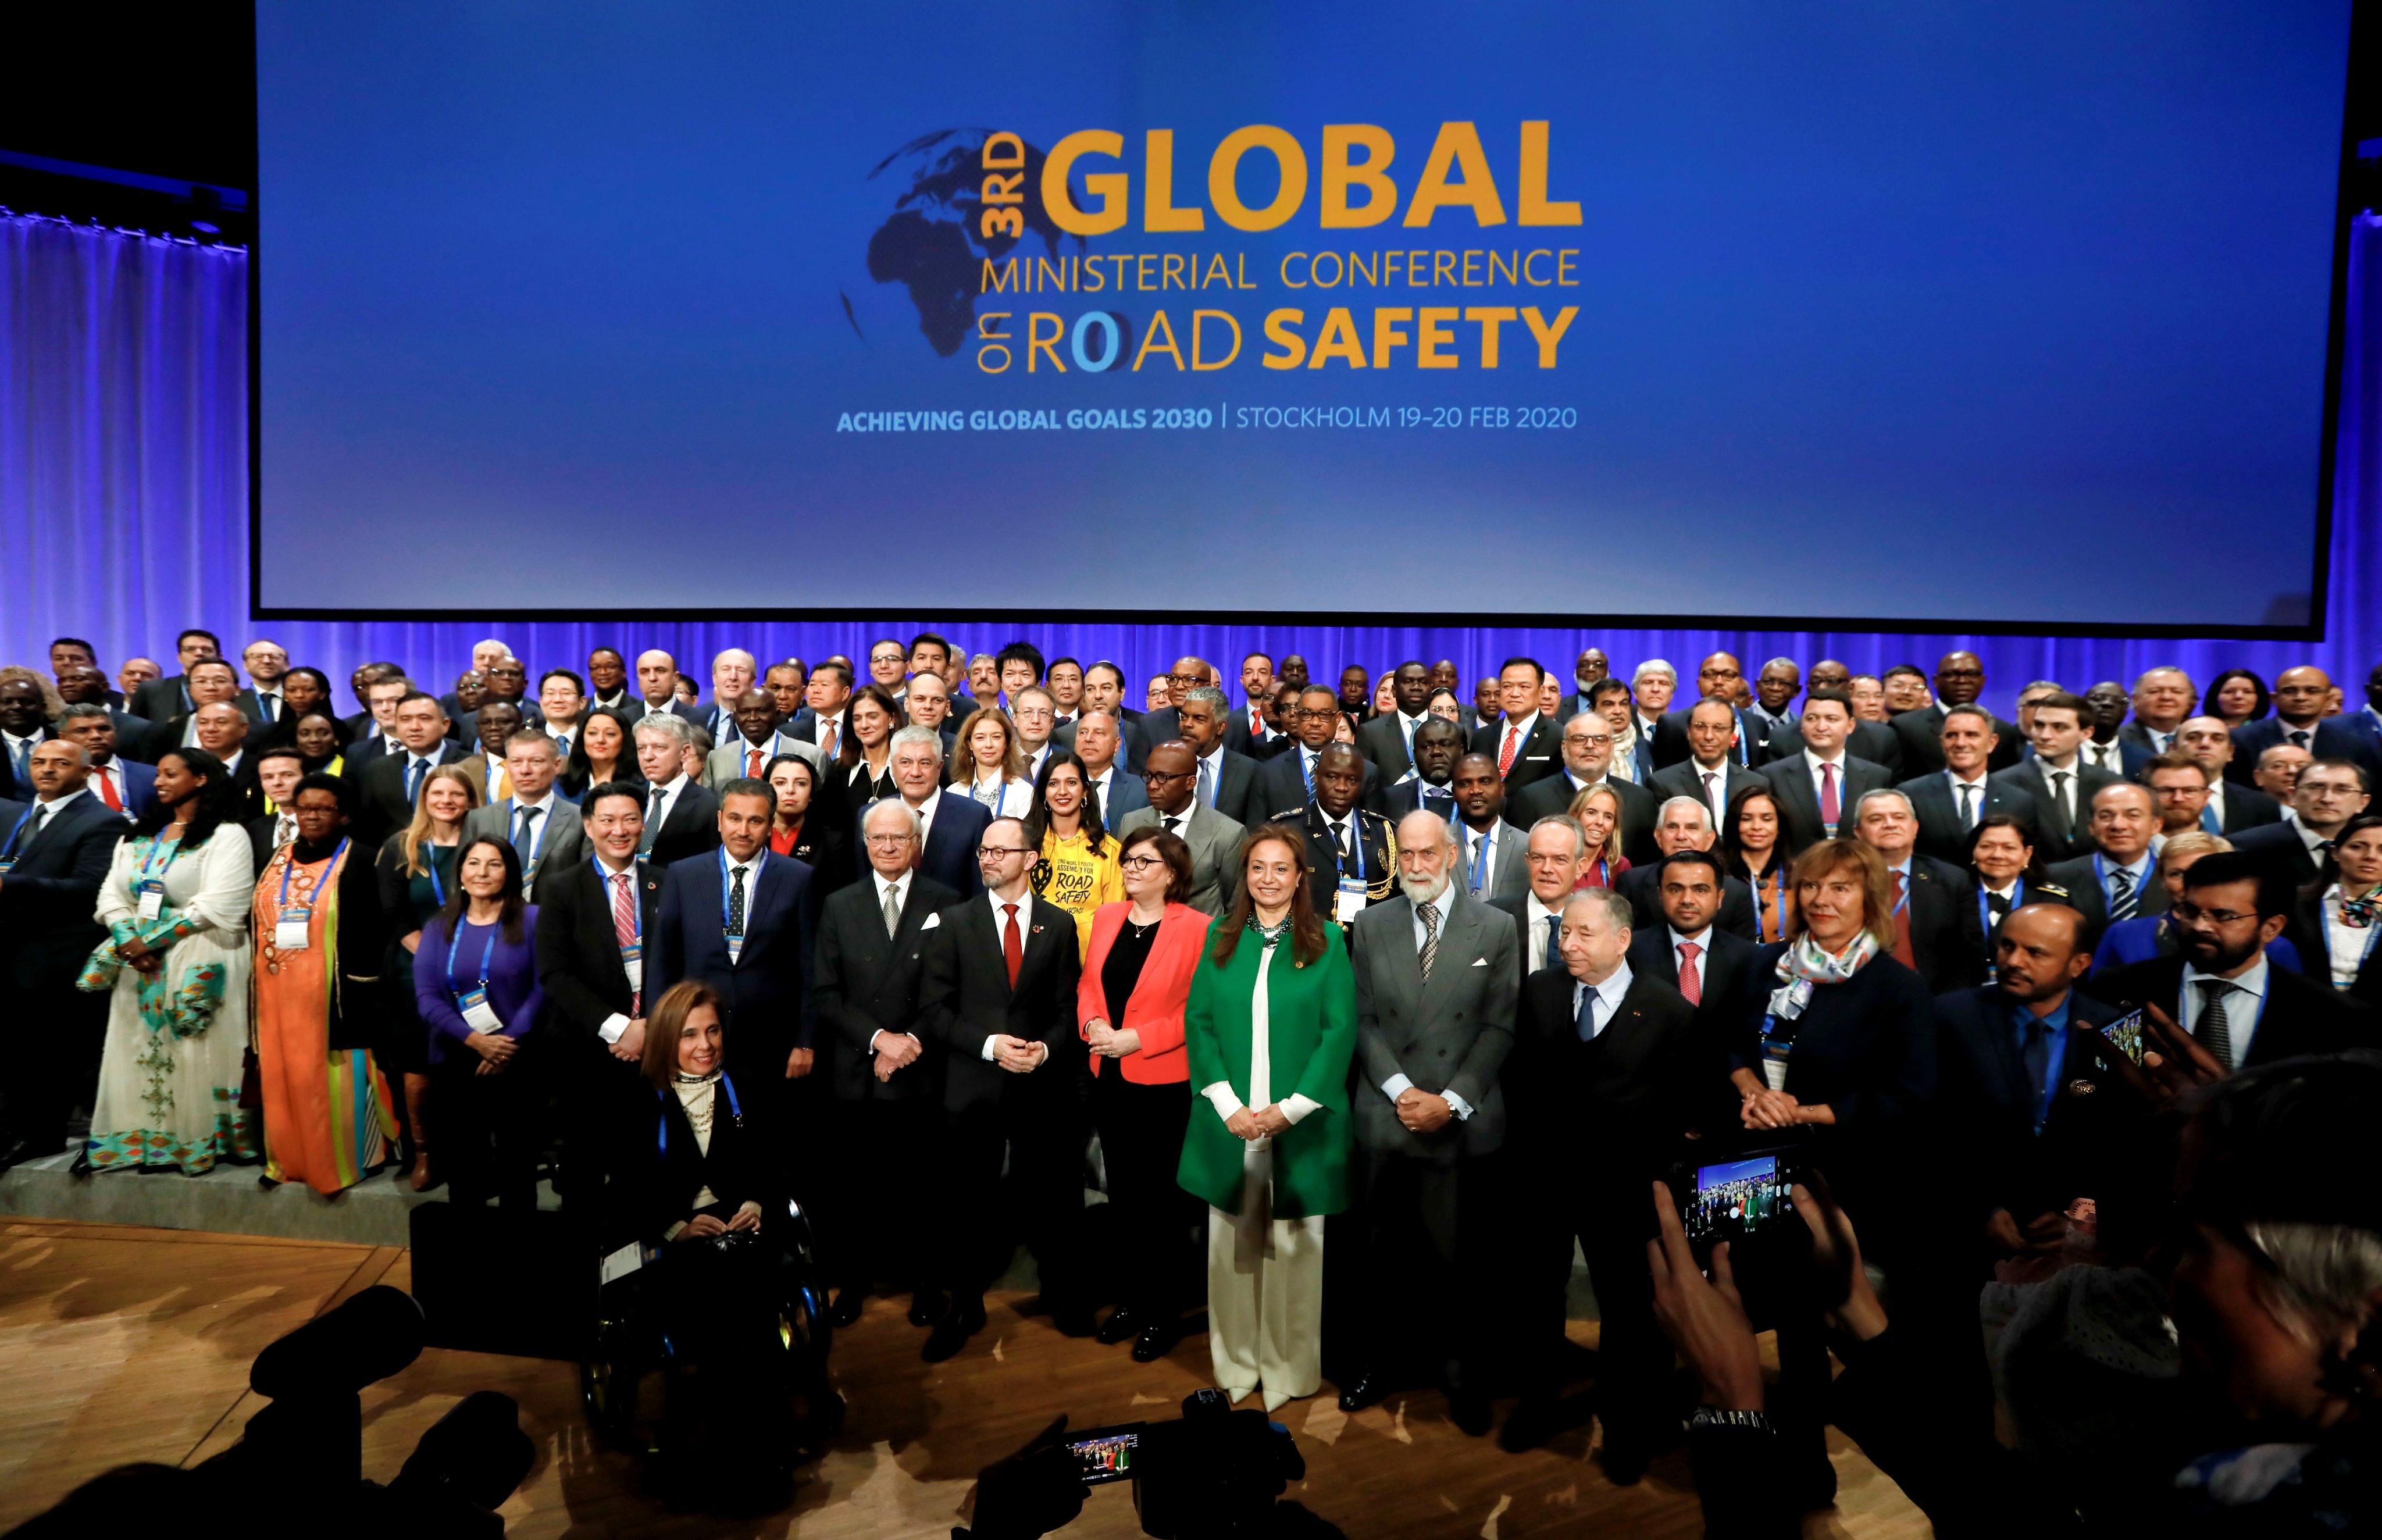 Torres participa en la conferència mundial sobre seguretat viària